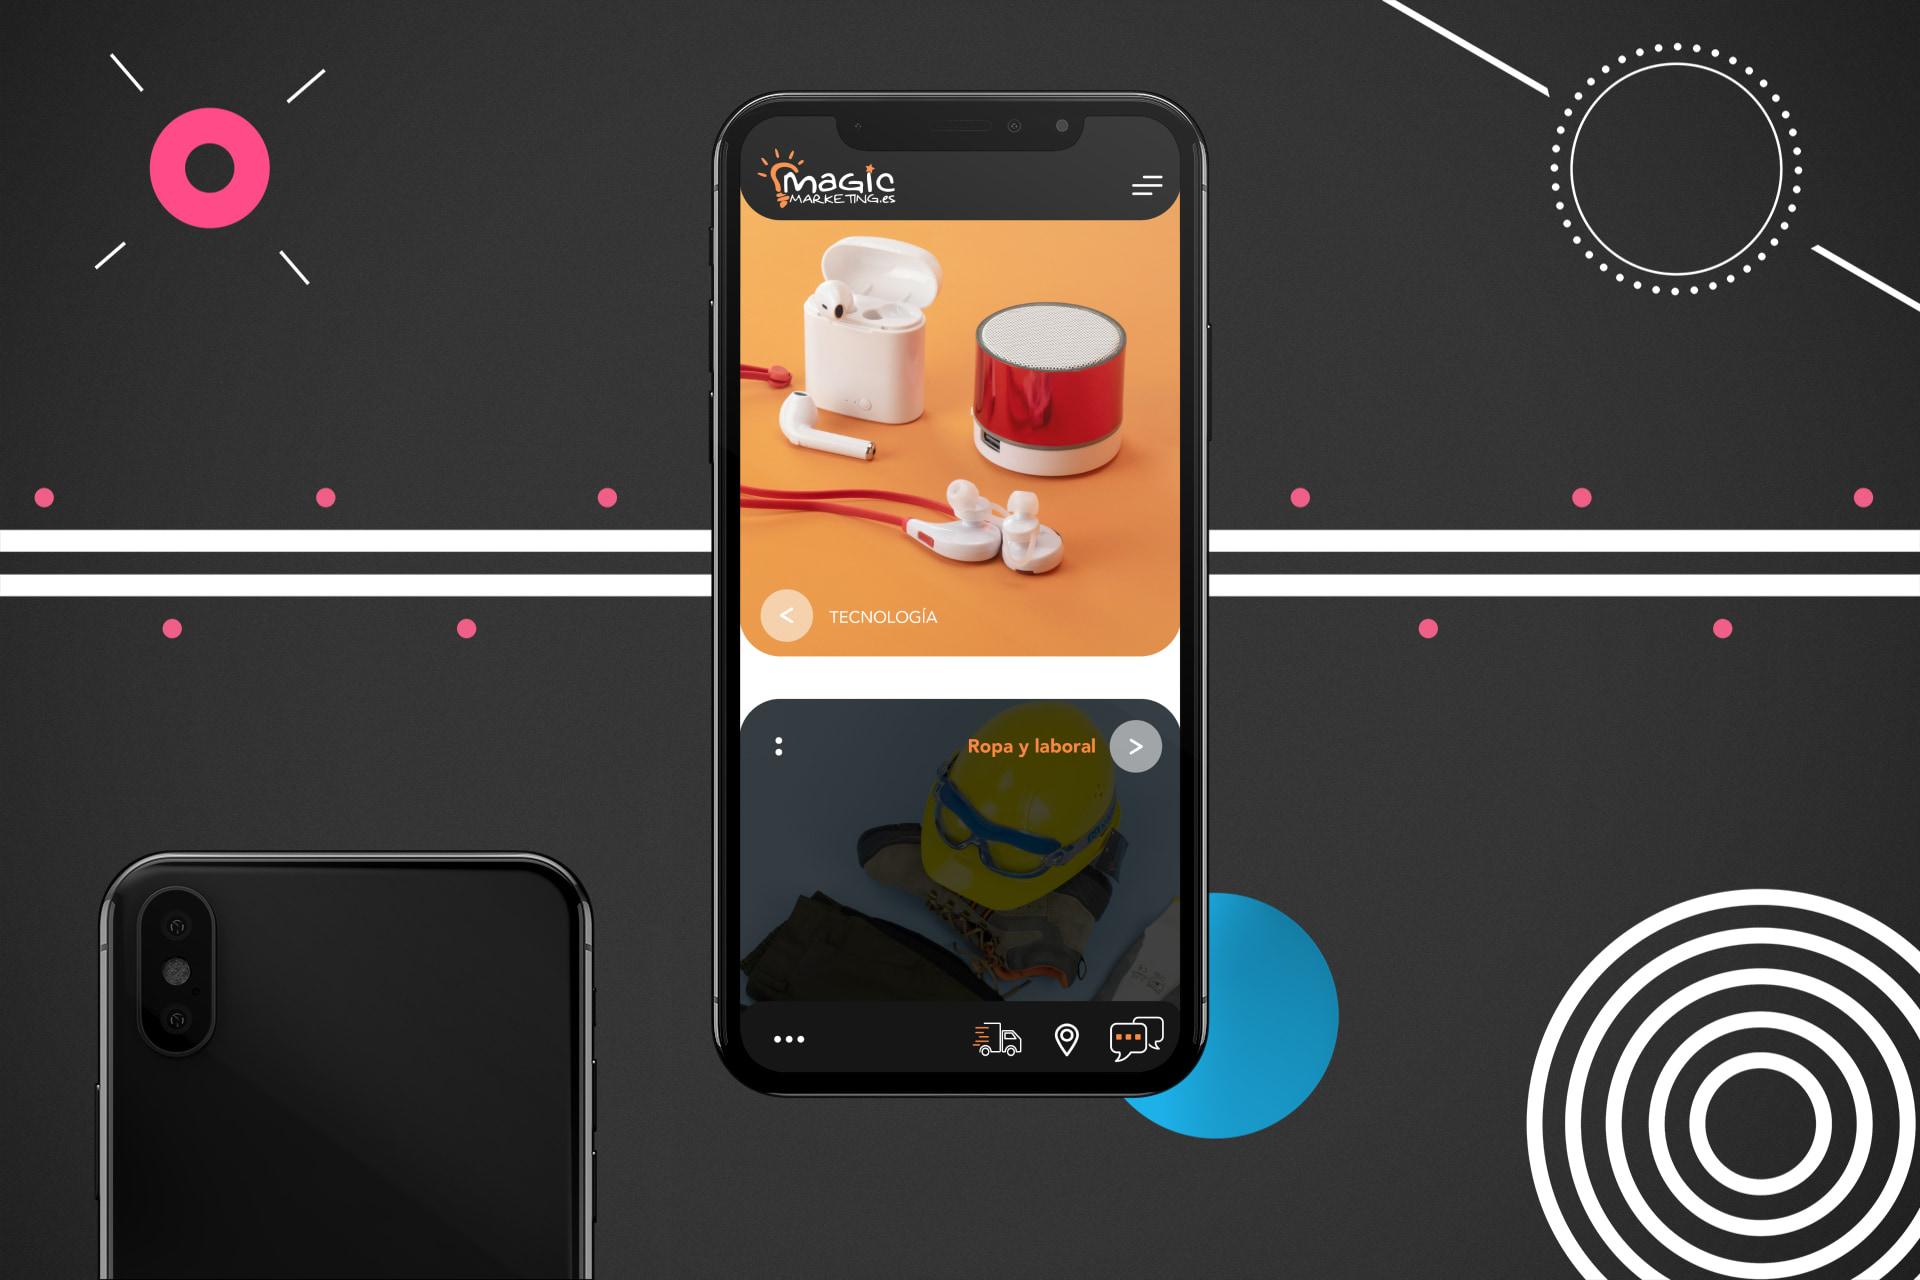 diseño de página web móvil adaptable con fotografía de productos a medida de productos tecnológicos